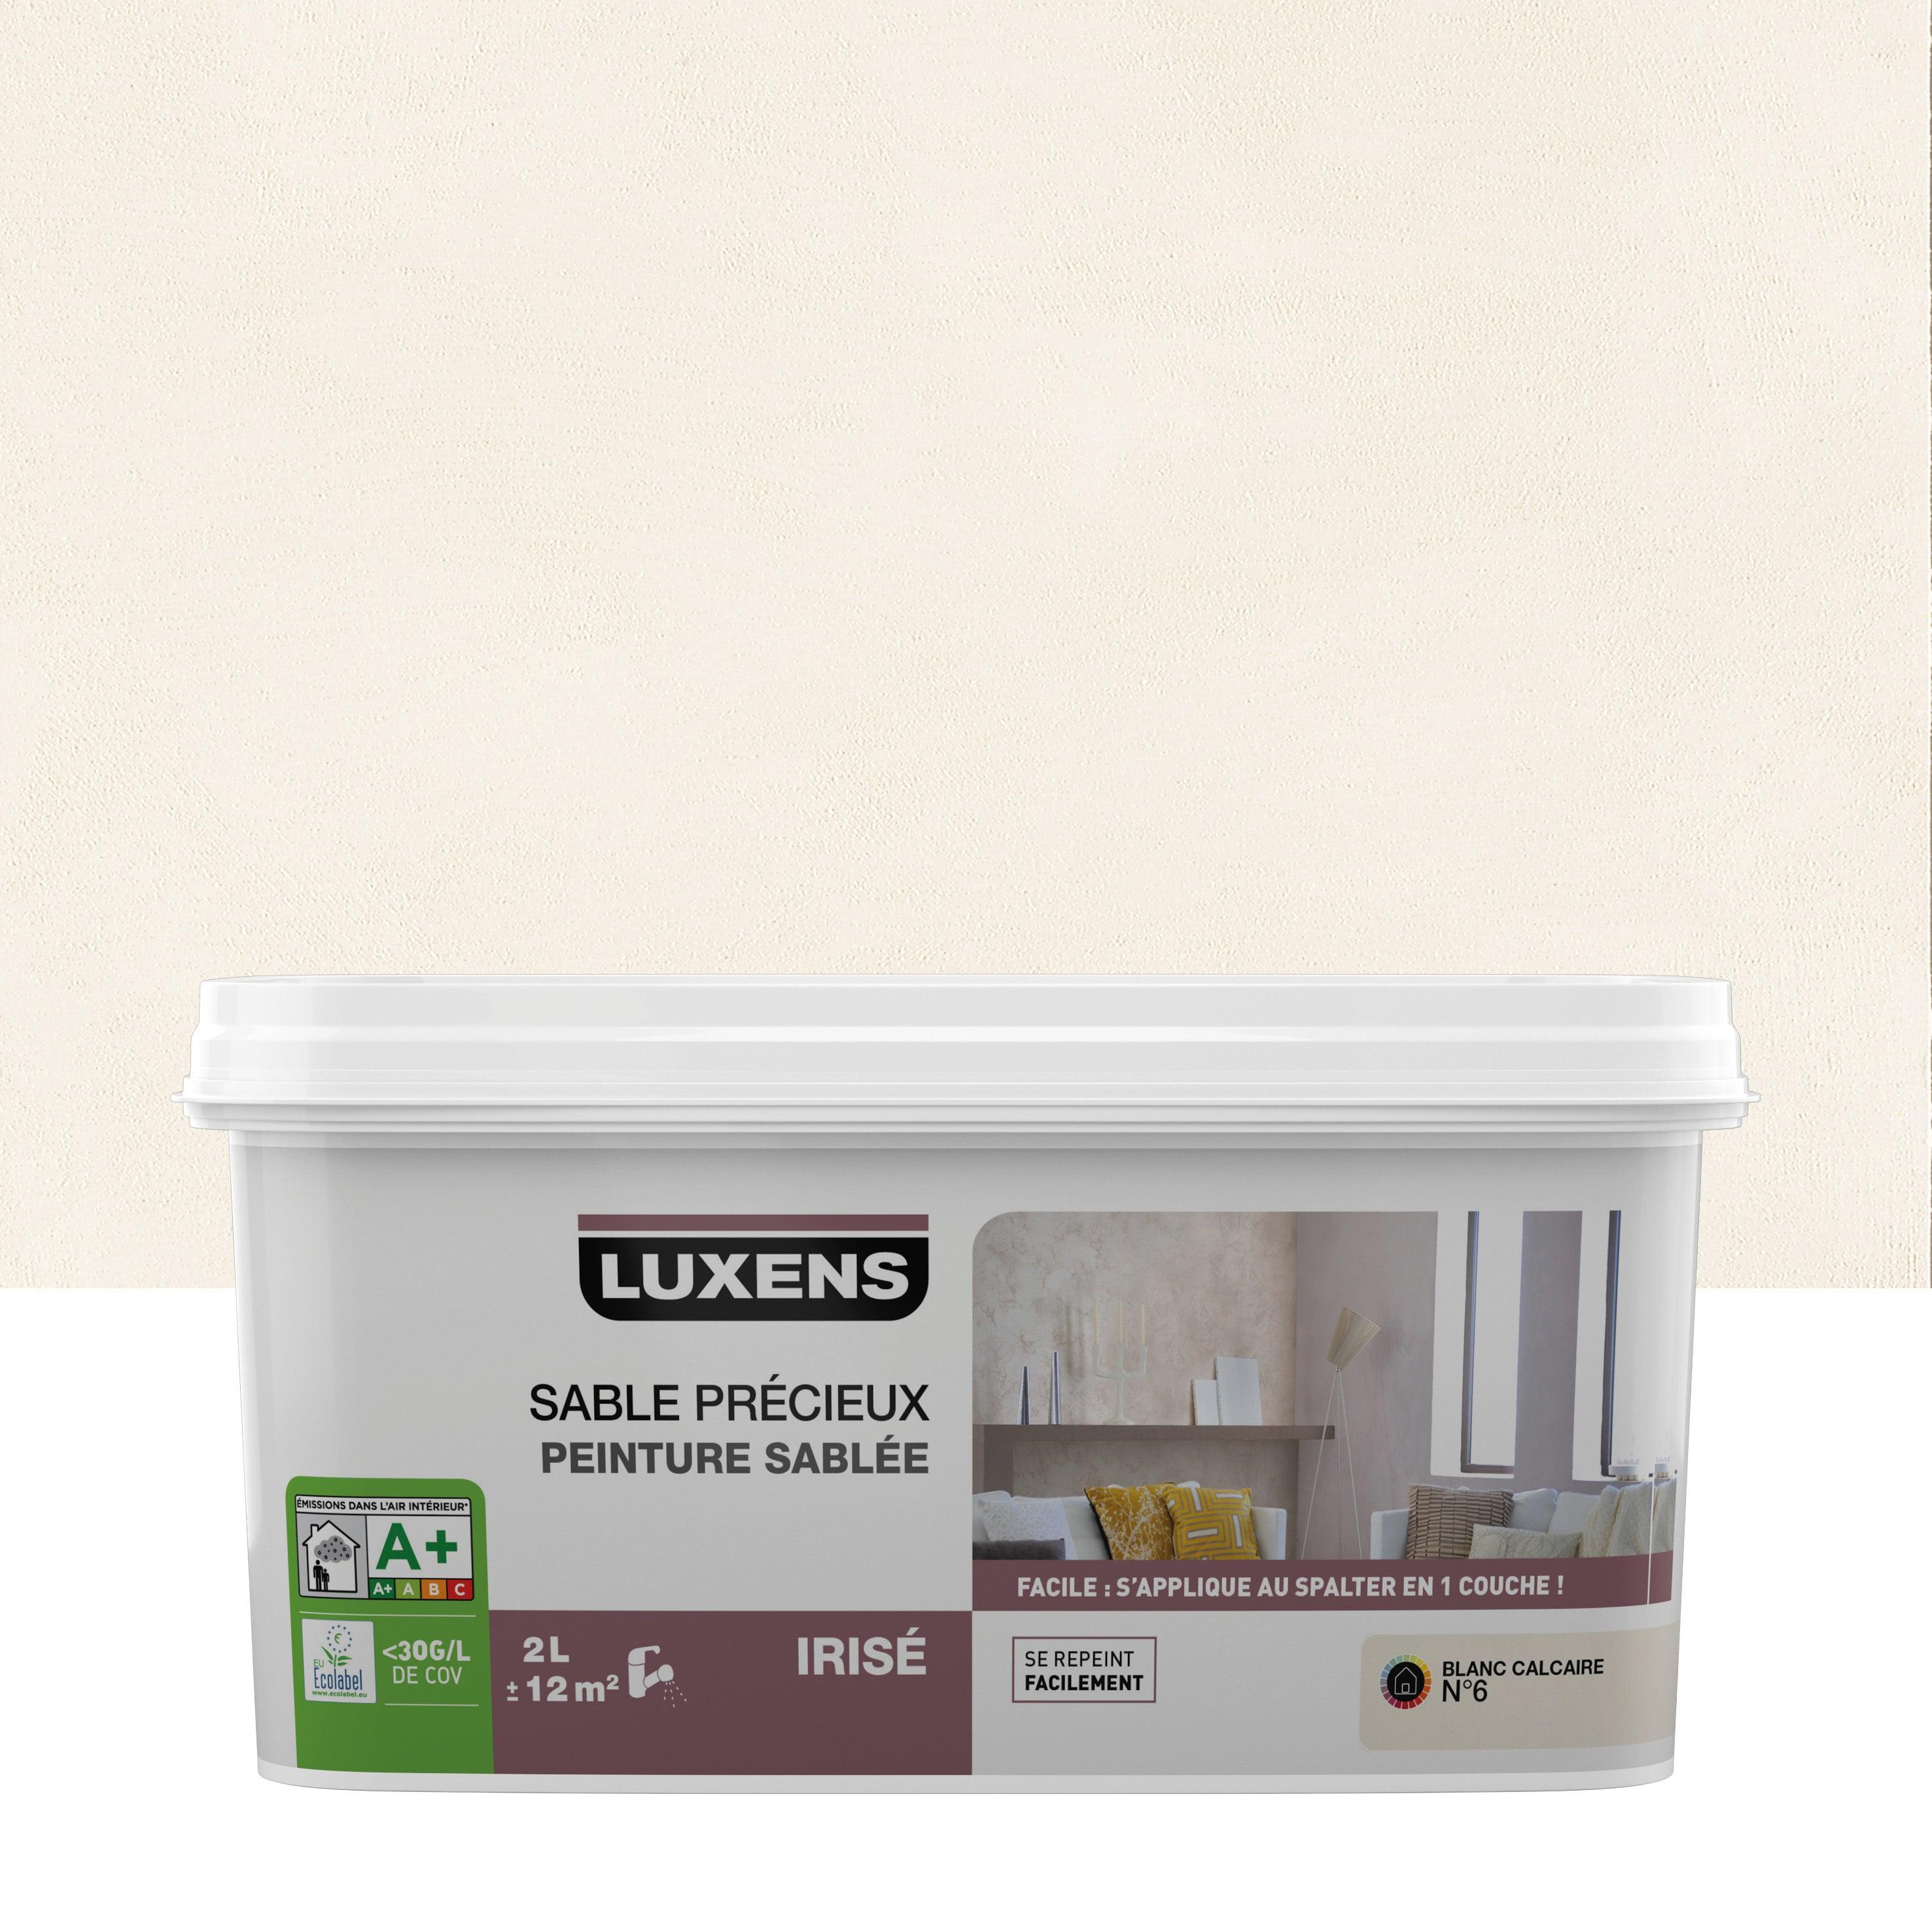 Peinture A Effet Sable Precieux Luxens Blanc Calcaire 6 2 L Leroy Merlin